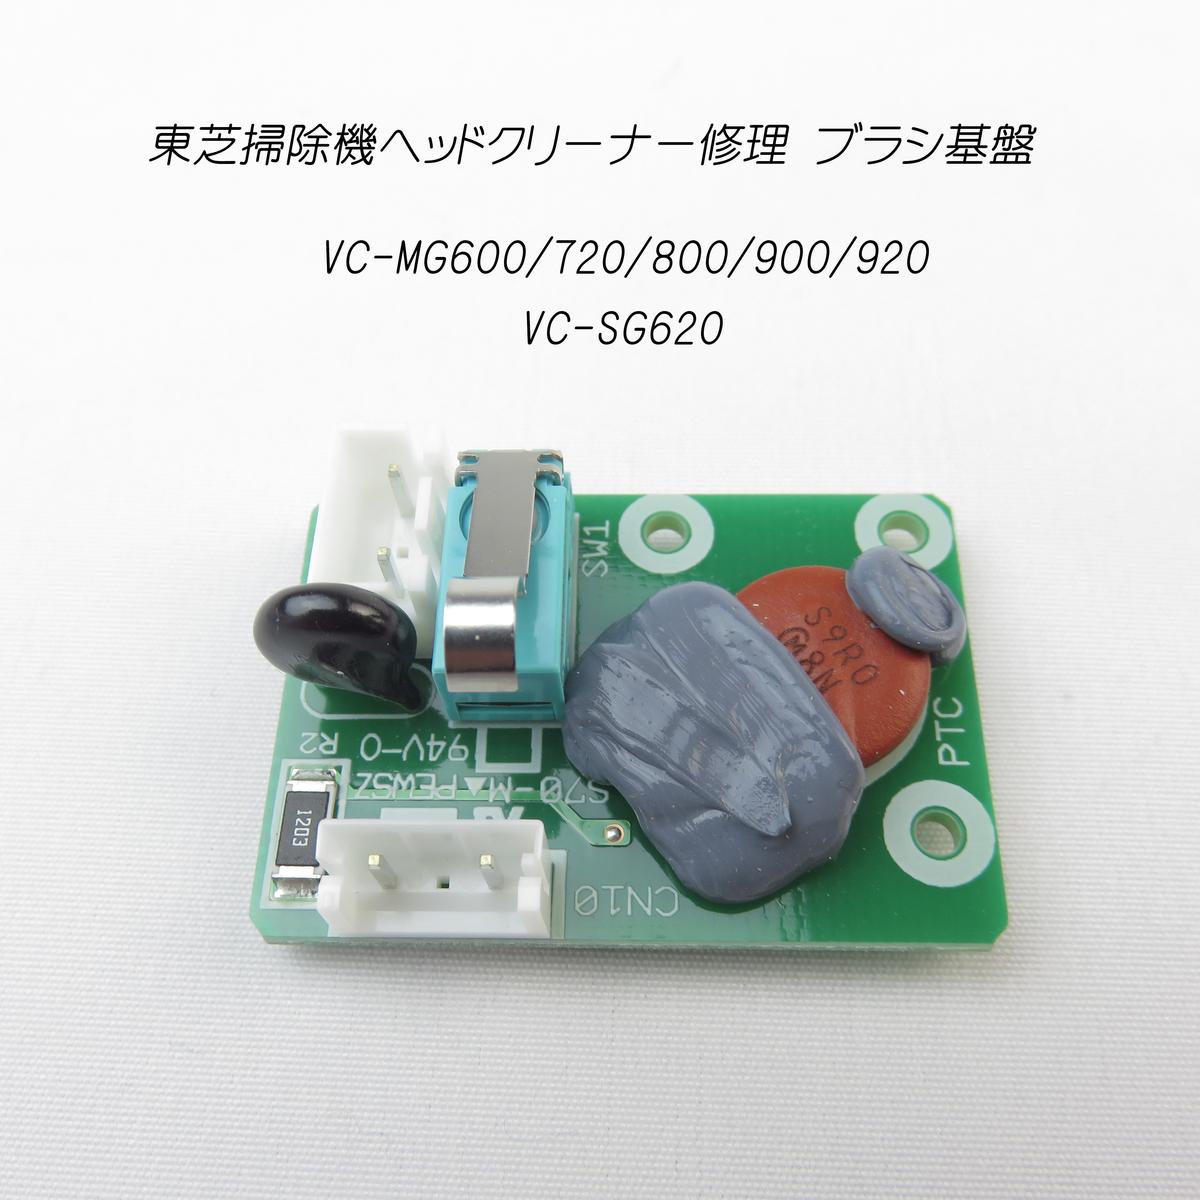 東芝製掃除機の回転ブラシが回らないときはこの部品の交換でOK 東芝 掃除機修理 ブラシ基盤 VC-MG600 超定番 720 800 900 海外限定 パワーブラシ VC-SG620 ヘッドクリーナー その他適合機種 920 リミットスイッチ ヘッドブラシ マイクロスイッチ